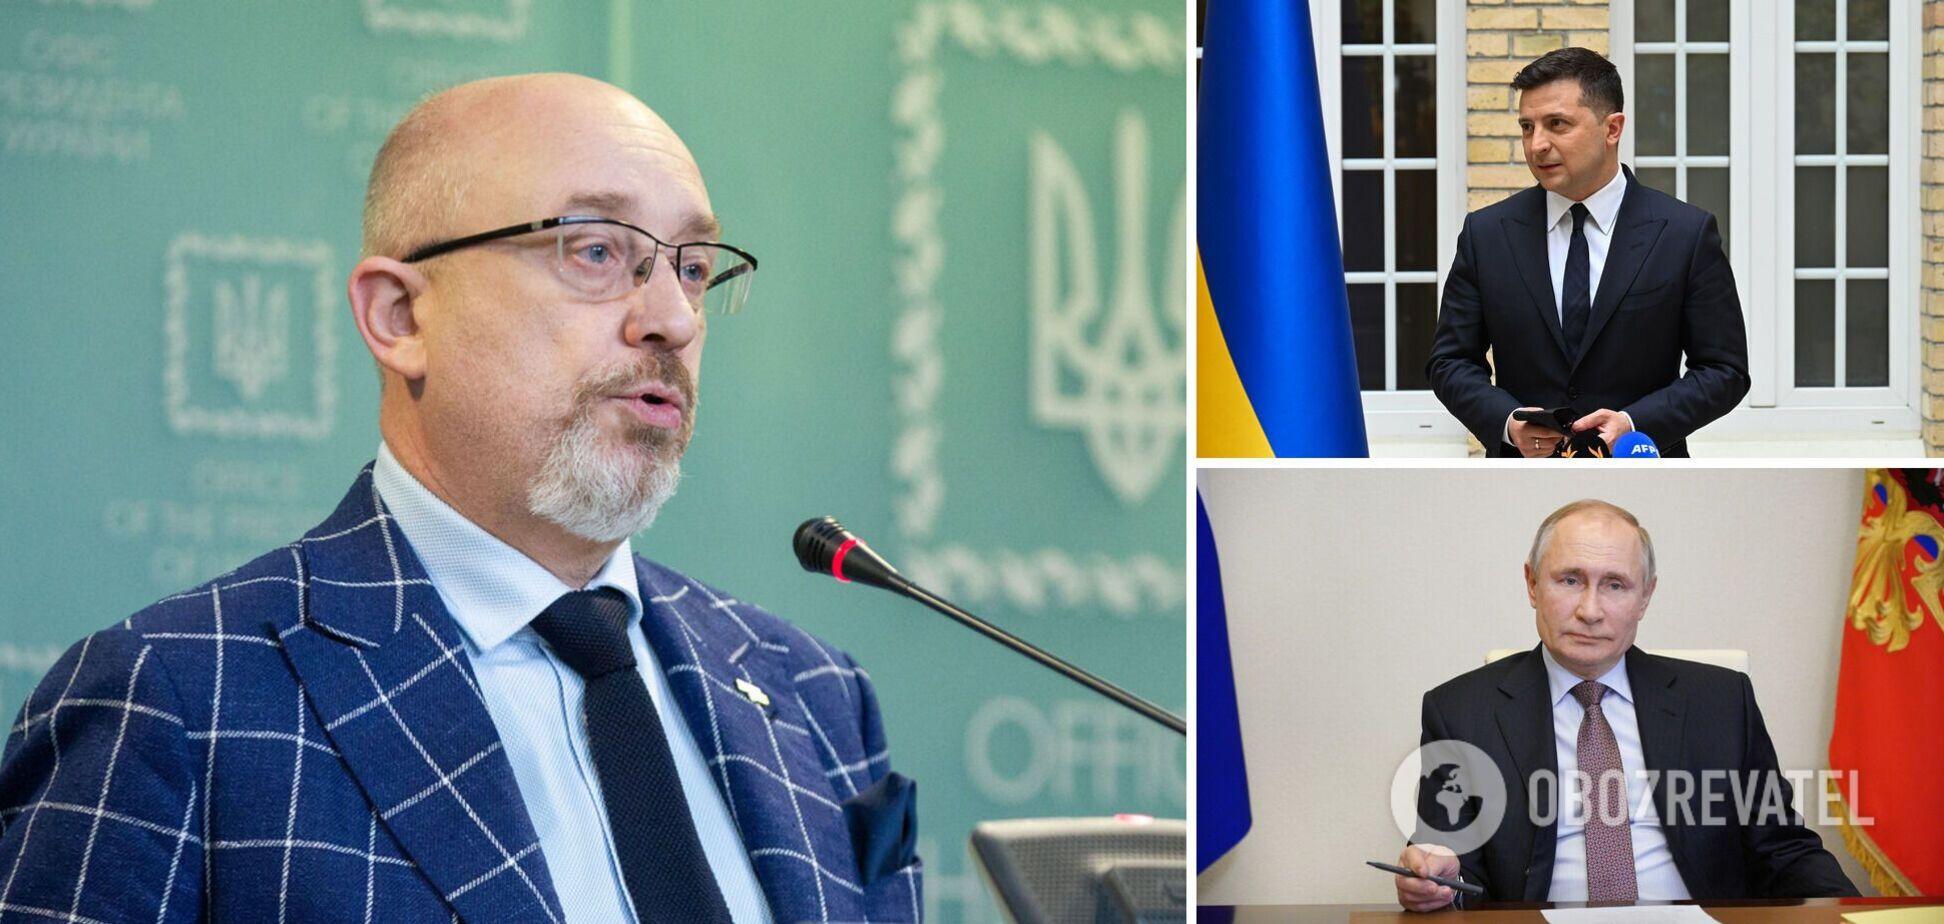 Резников заявил, что Зеленский не поедет на встречу с Путиным в Москву